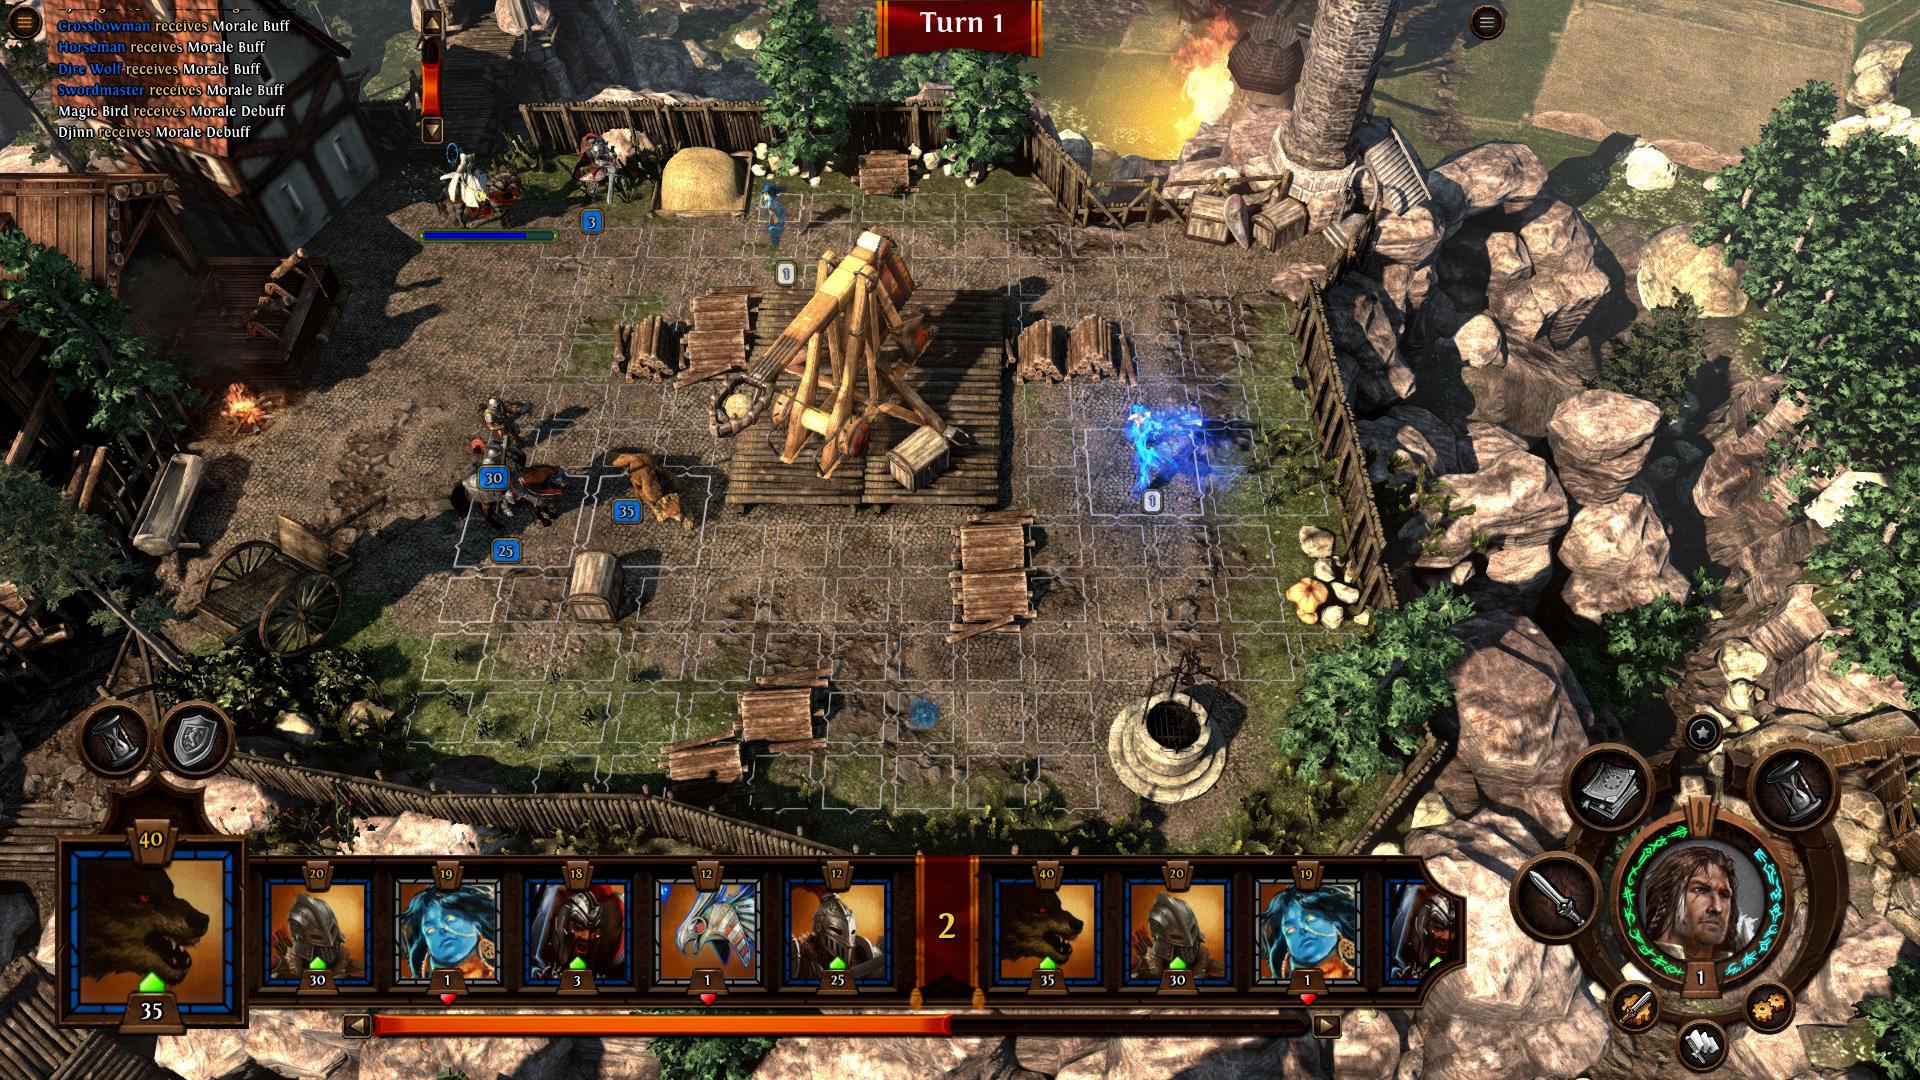 Скриншот Heroes of Might and Magic 7 (2015) REPACK ОТ R.G. МЕХАНИКИ скачать торрент бесплатно